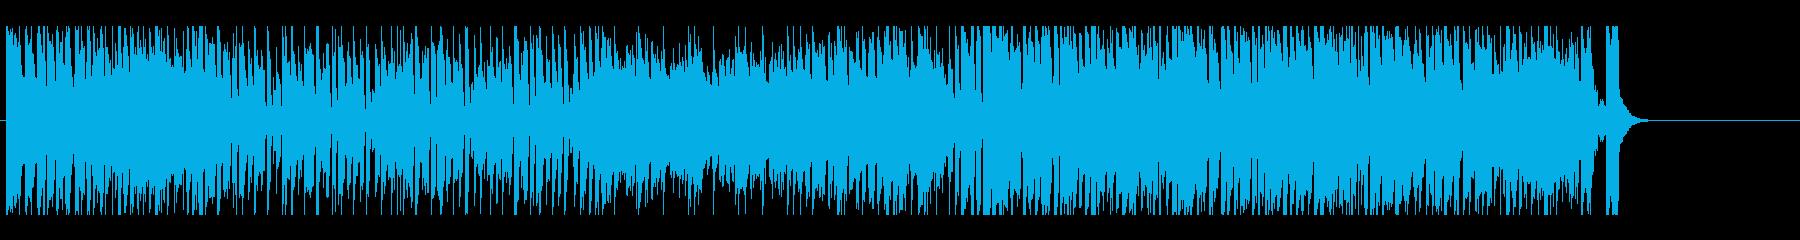 元気 充実 躍動 企業 CM いきいきの再生済みの波形